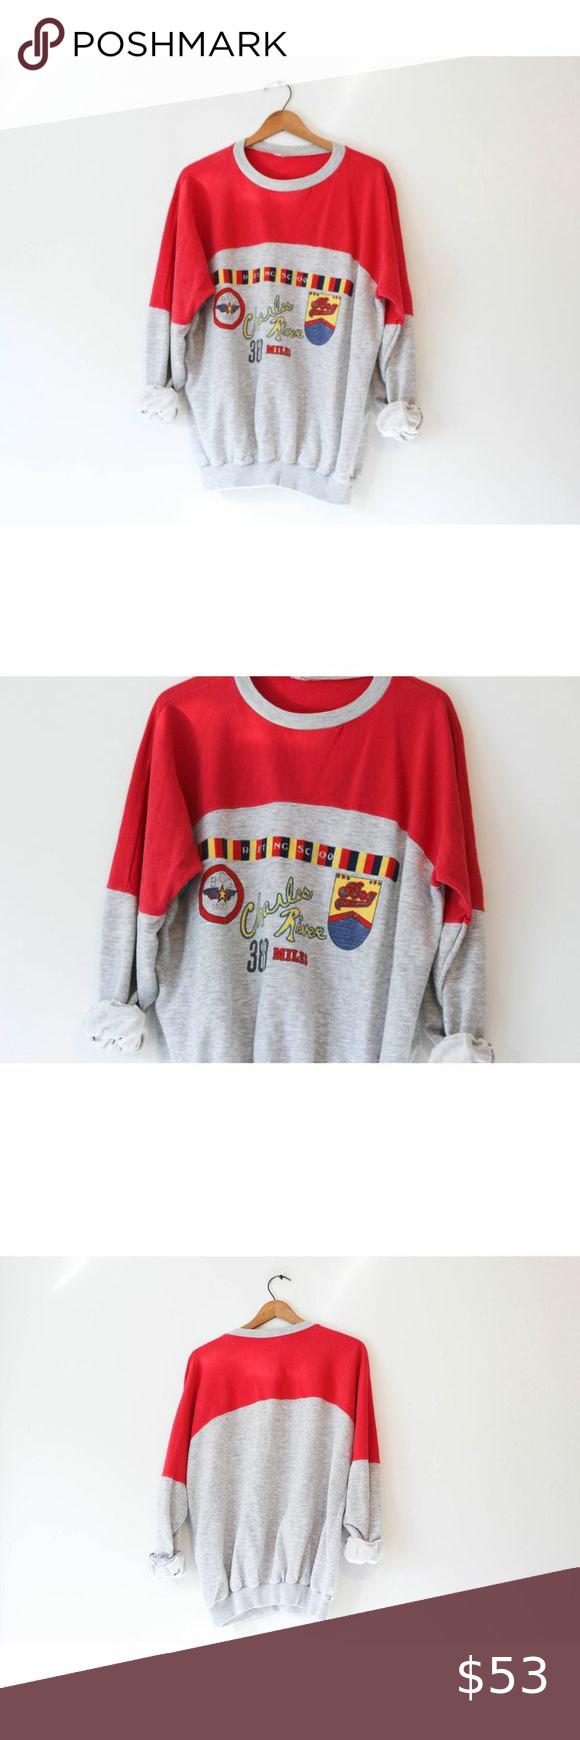 Vintage White Water Rafting School Sweatshirt Sweatshirts School Sweatshirts Vintage Shirts [ 1740 x 580 Pixel ]